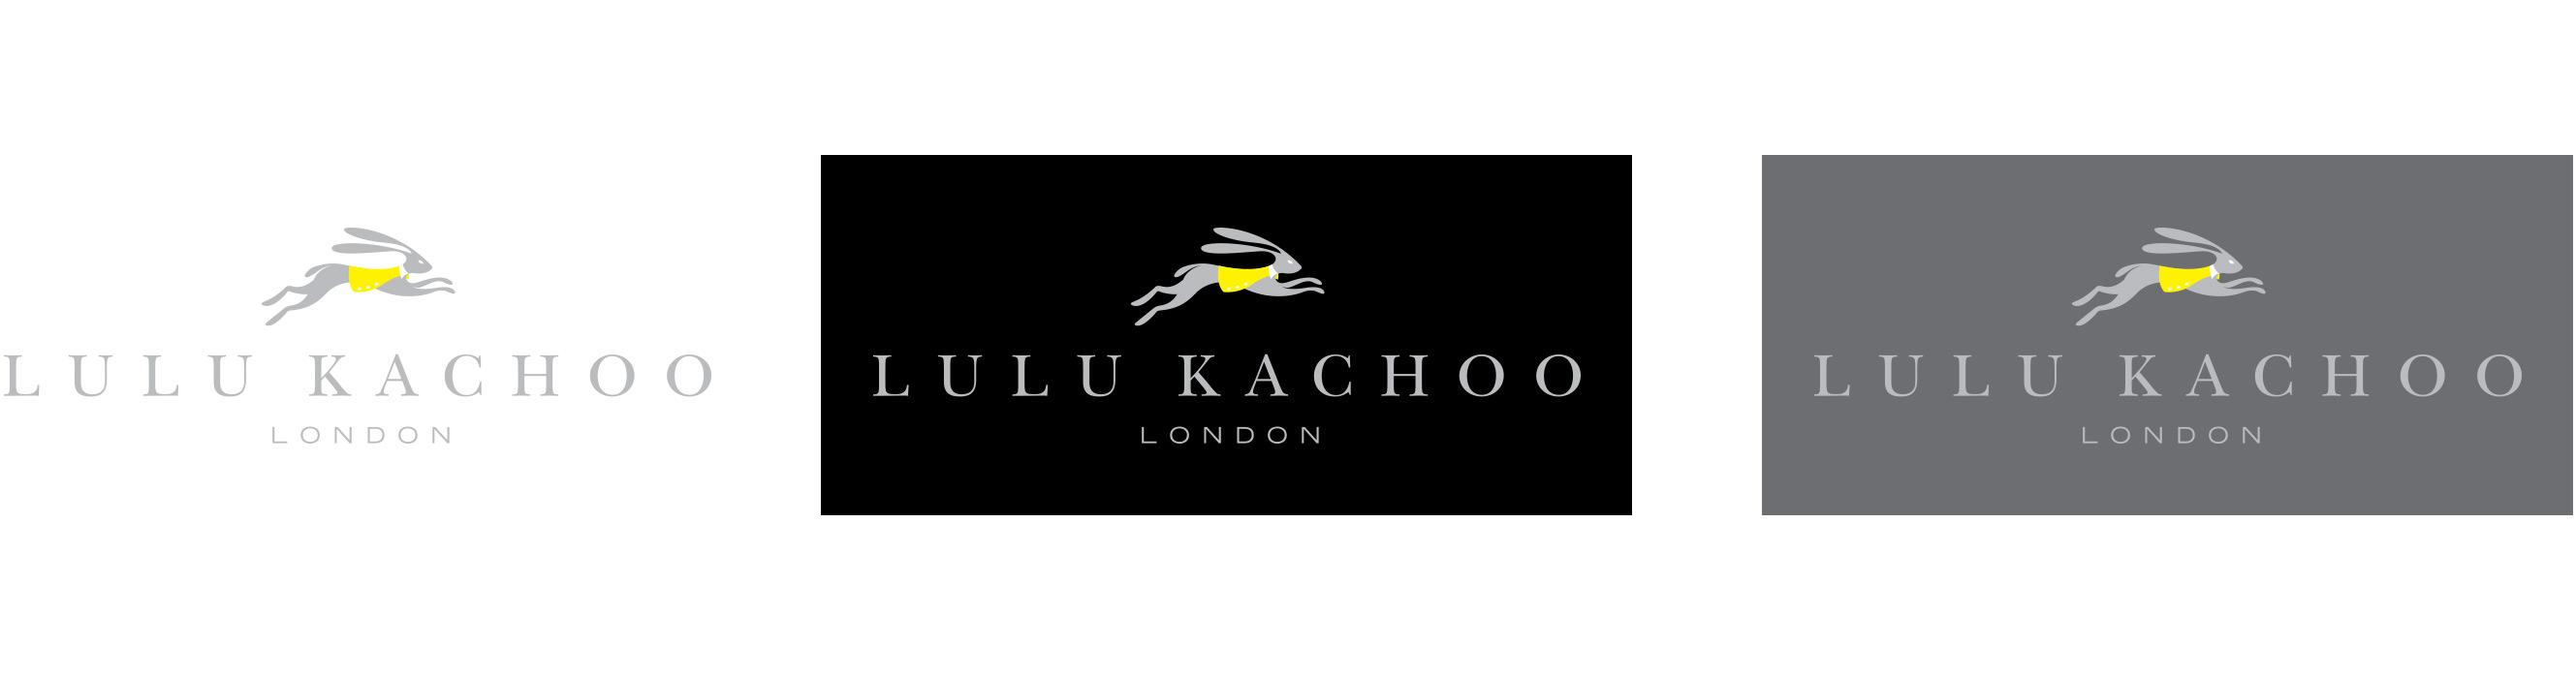 Lulu Kachoo